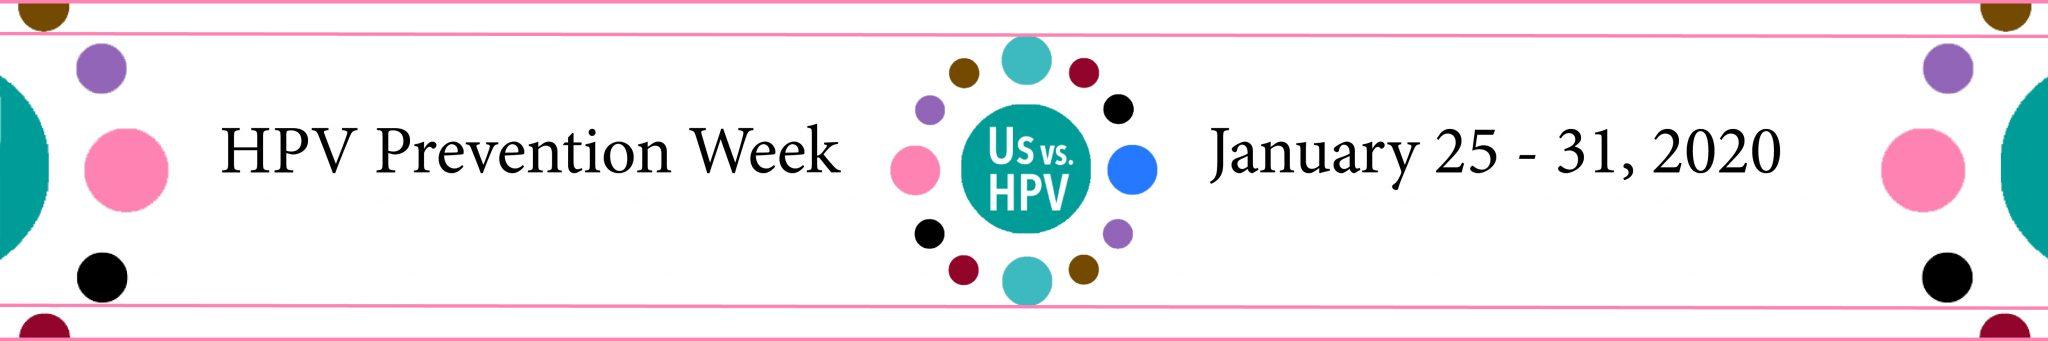 hpv prevention week 2019 hpv impfung nach konisation